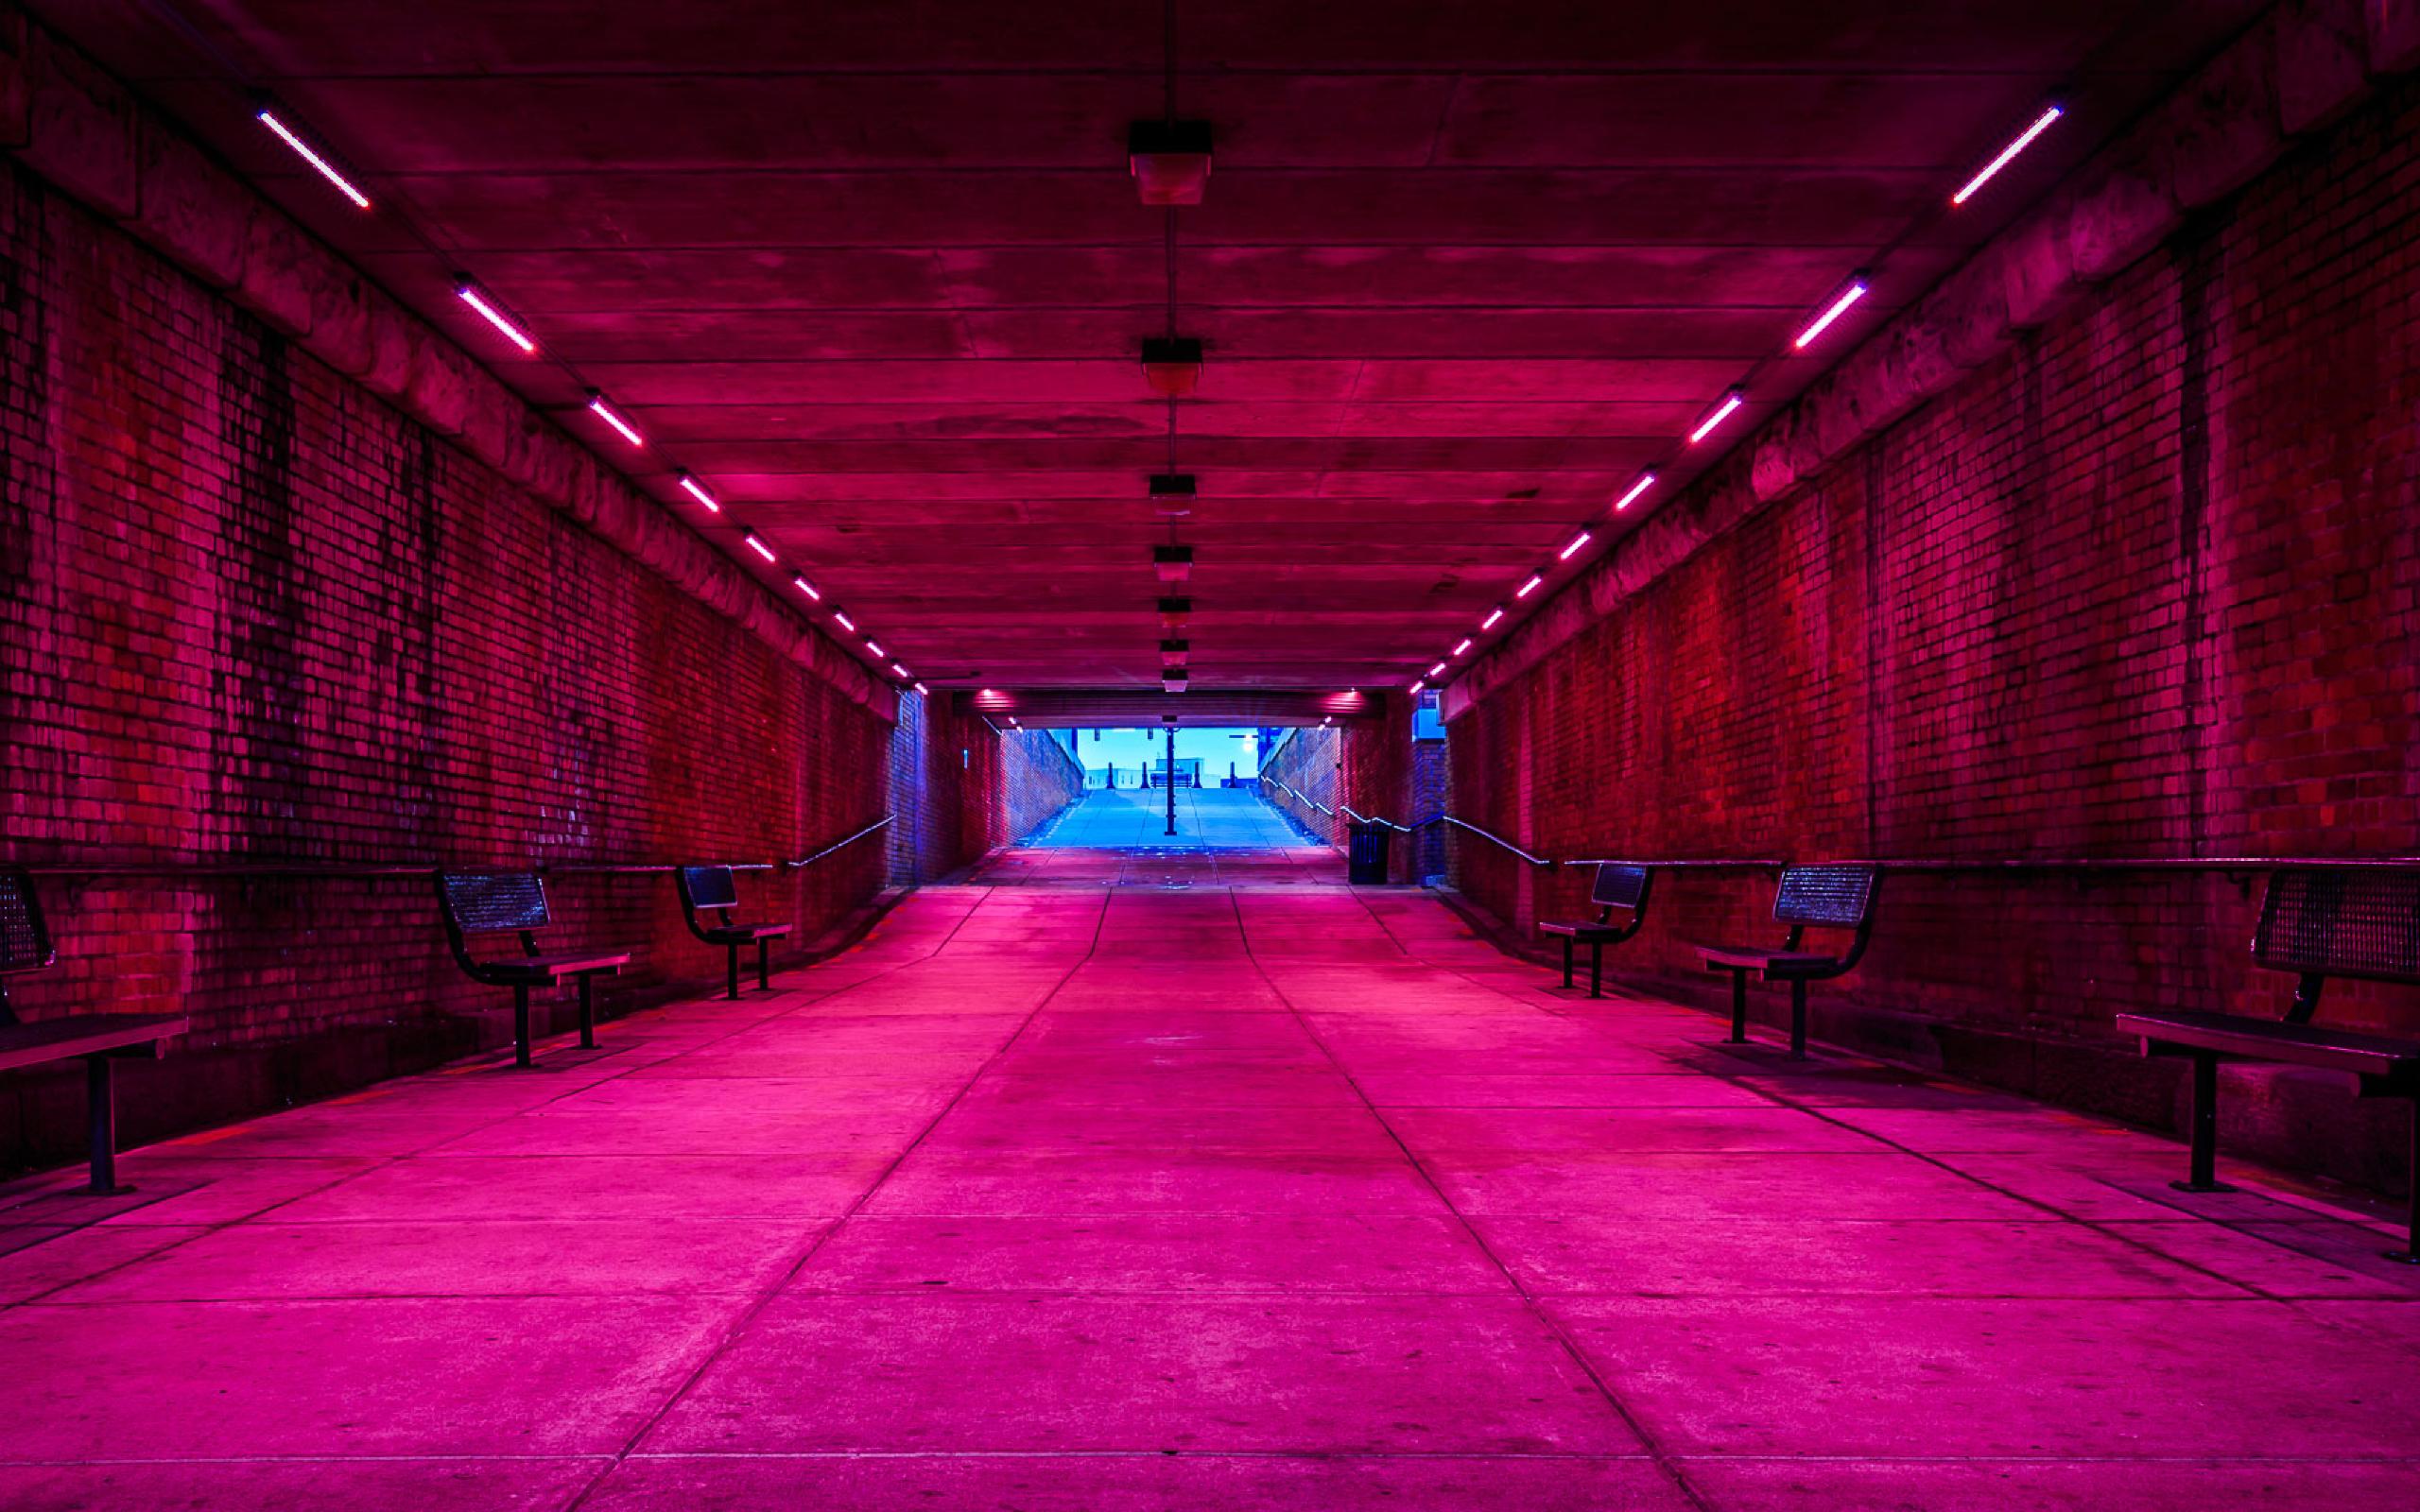 underground wallpaper,red,magenta,light,purple,pink